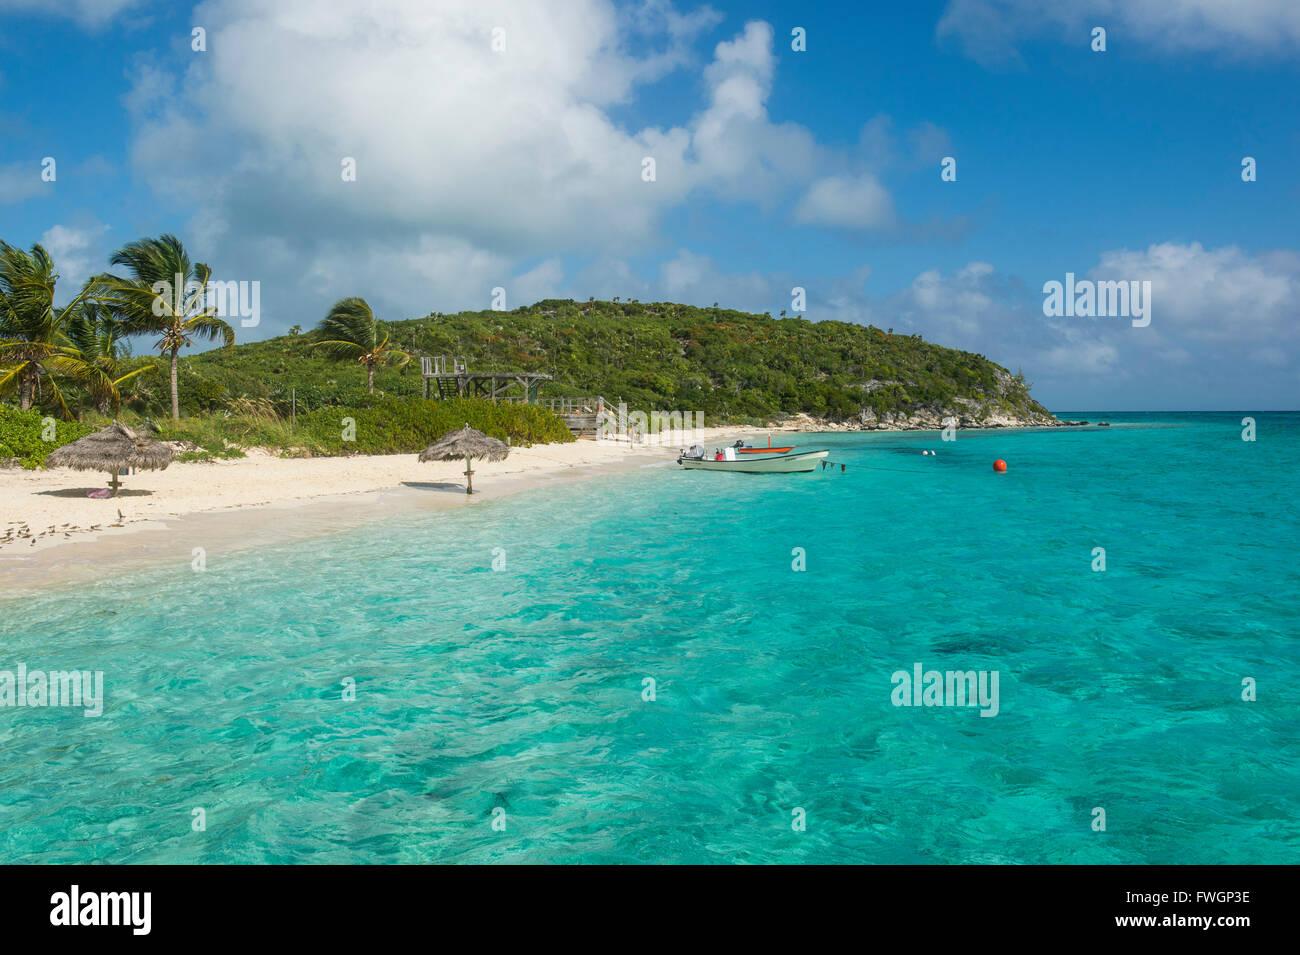 Türkisfarbenes Wasser und ein weißer Sandstrand, Exumas, Bahamas, West Indies, Karibik, Mittelamerika Stockbild